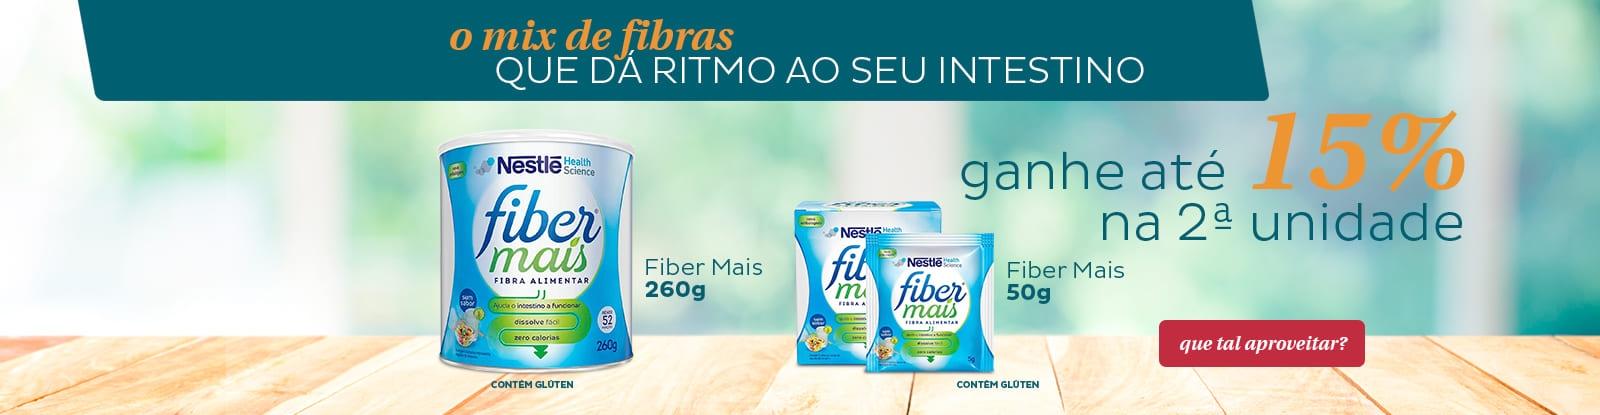 fiber mais